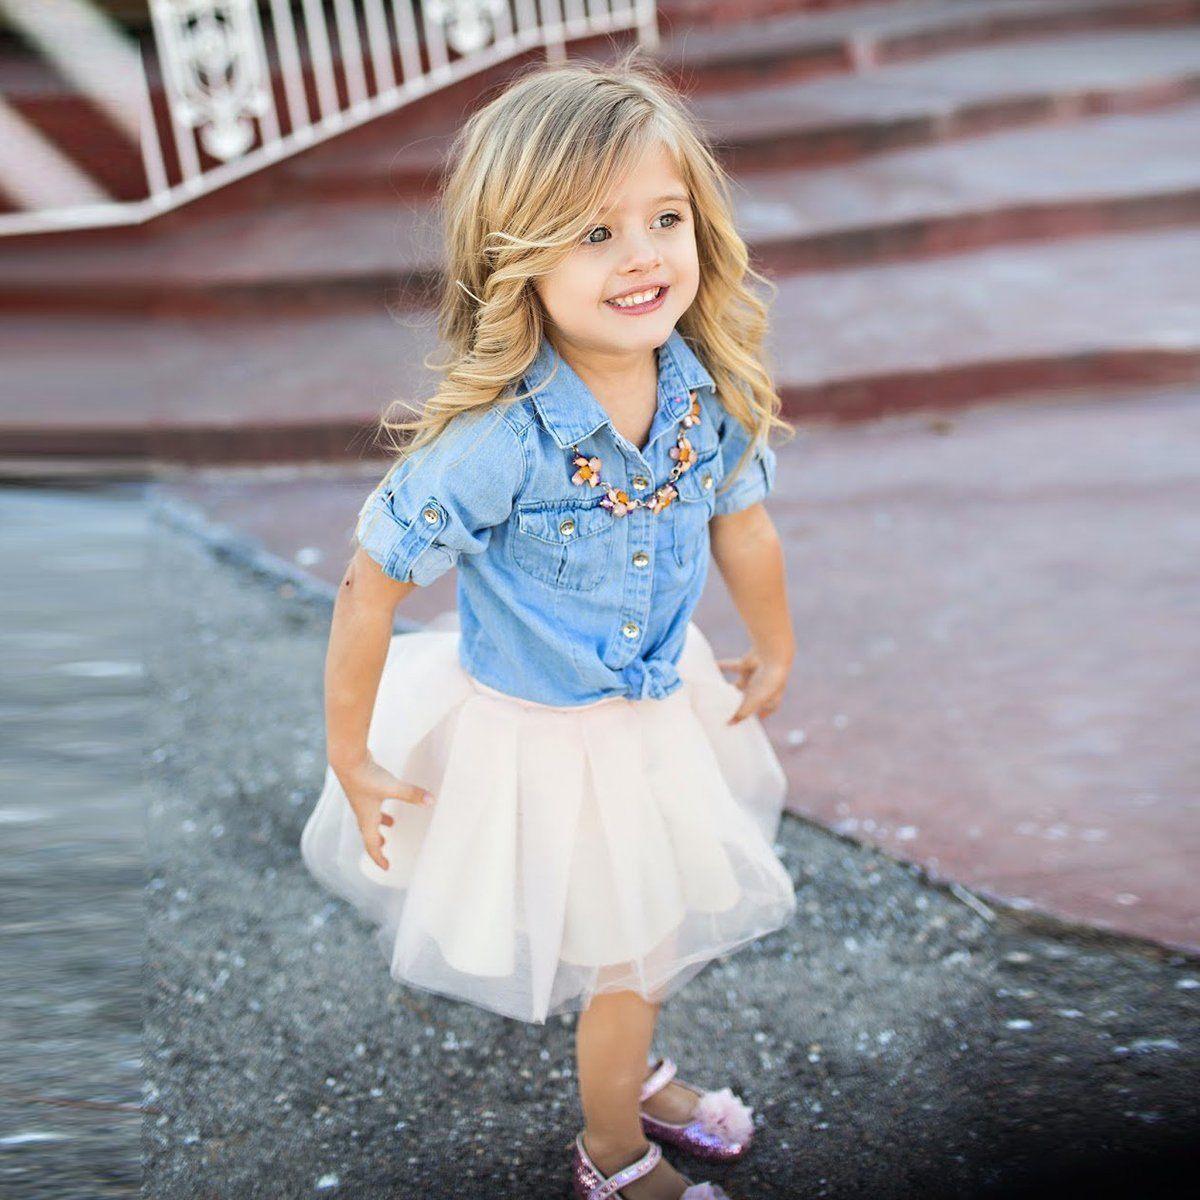 75e51dd7be17 2Pcs Toddler Kids Baby Girls Outfits Denim Shirt Tops+Tutu Skirt Dress Sets